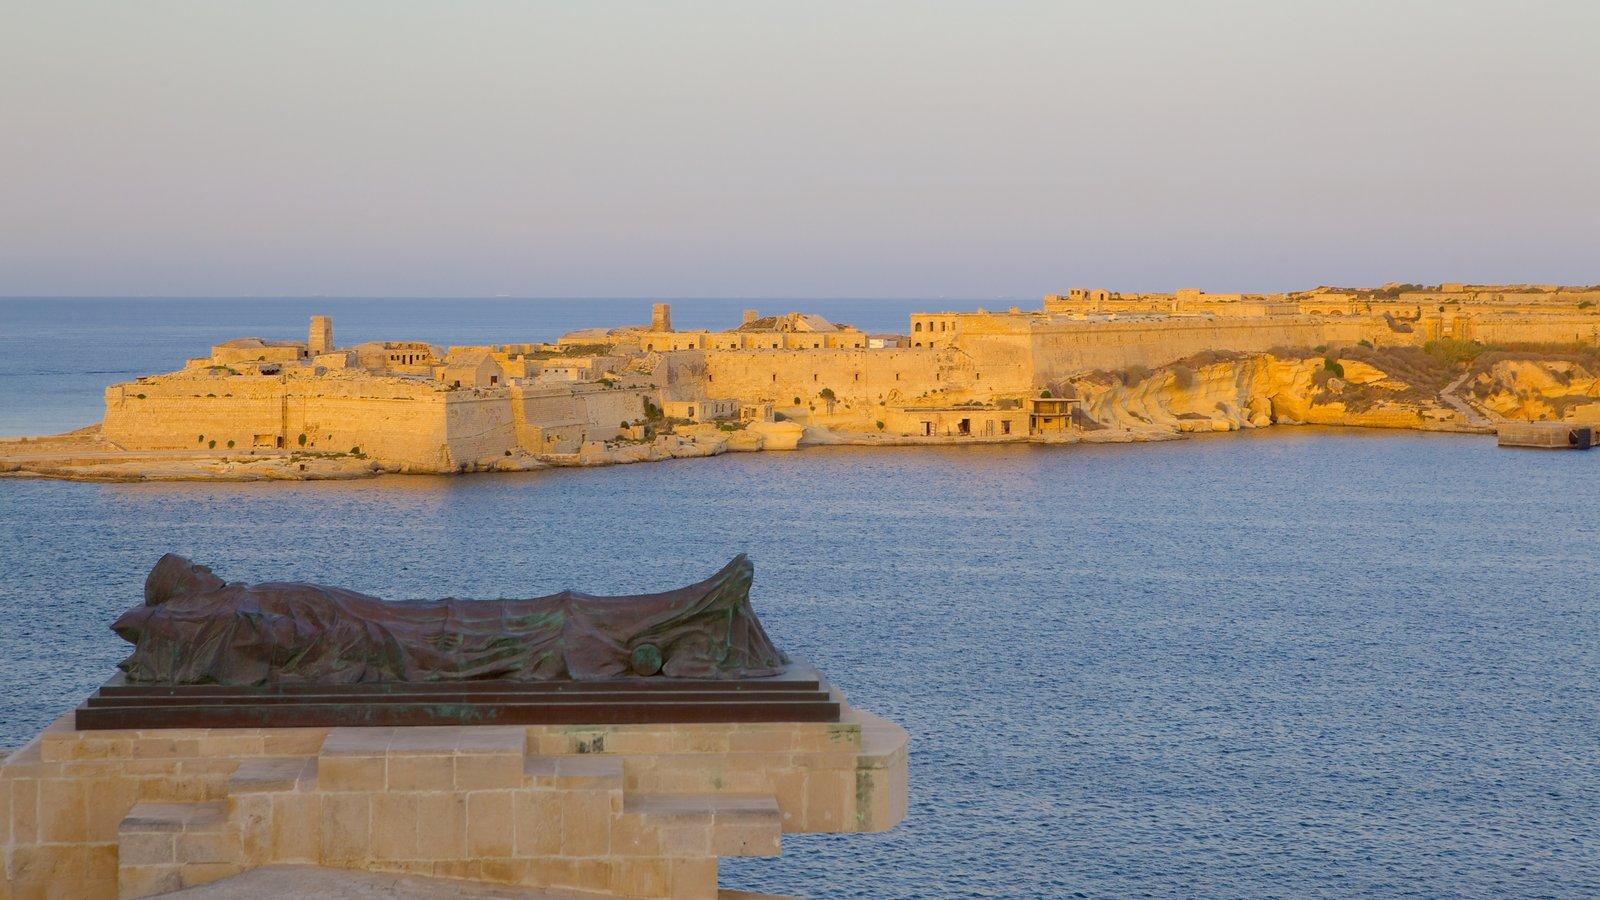 Grand Harbour mostrando una puesta de sol, una ciudad costera y una bahía o puerto